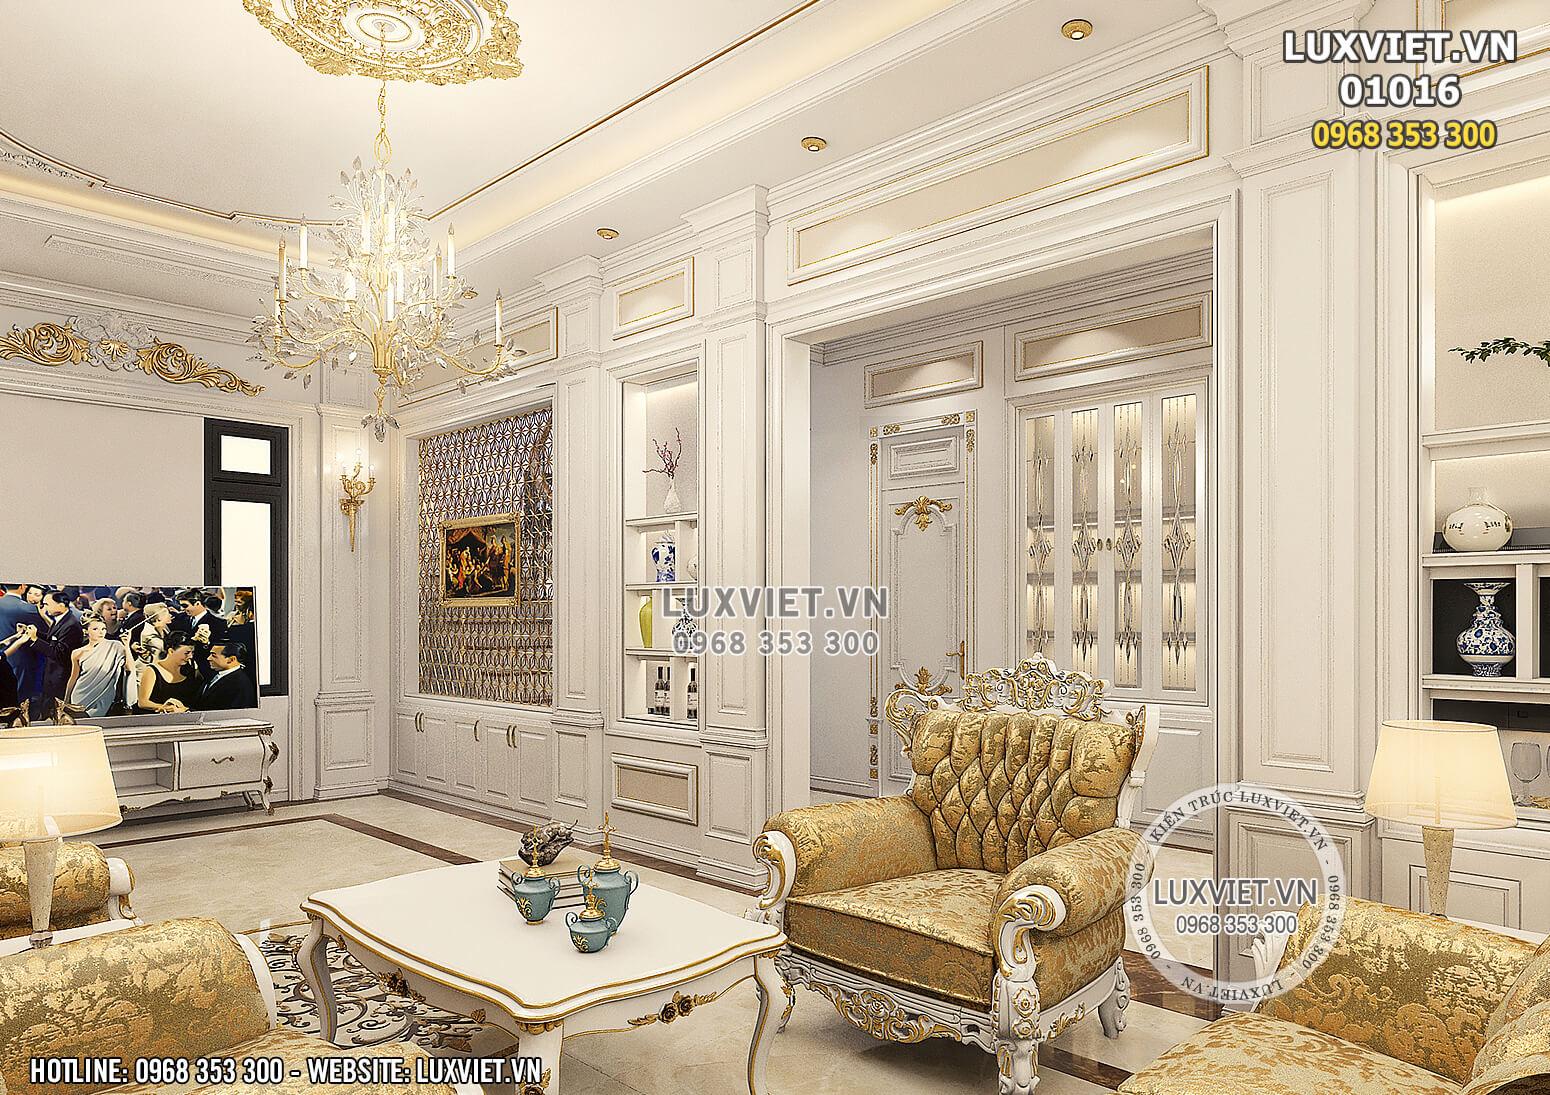 Hình ảnh: Không gian phòng khách của mẫu thiết kế nội thất tân cổ điển 1